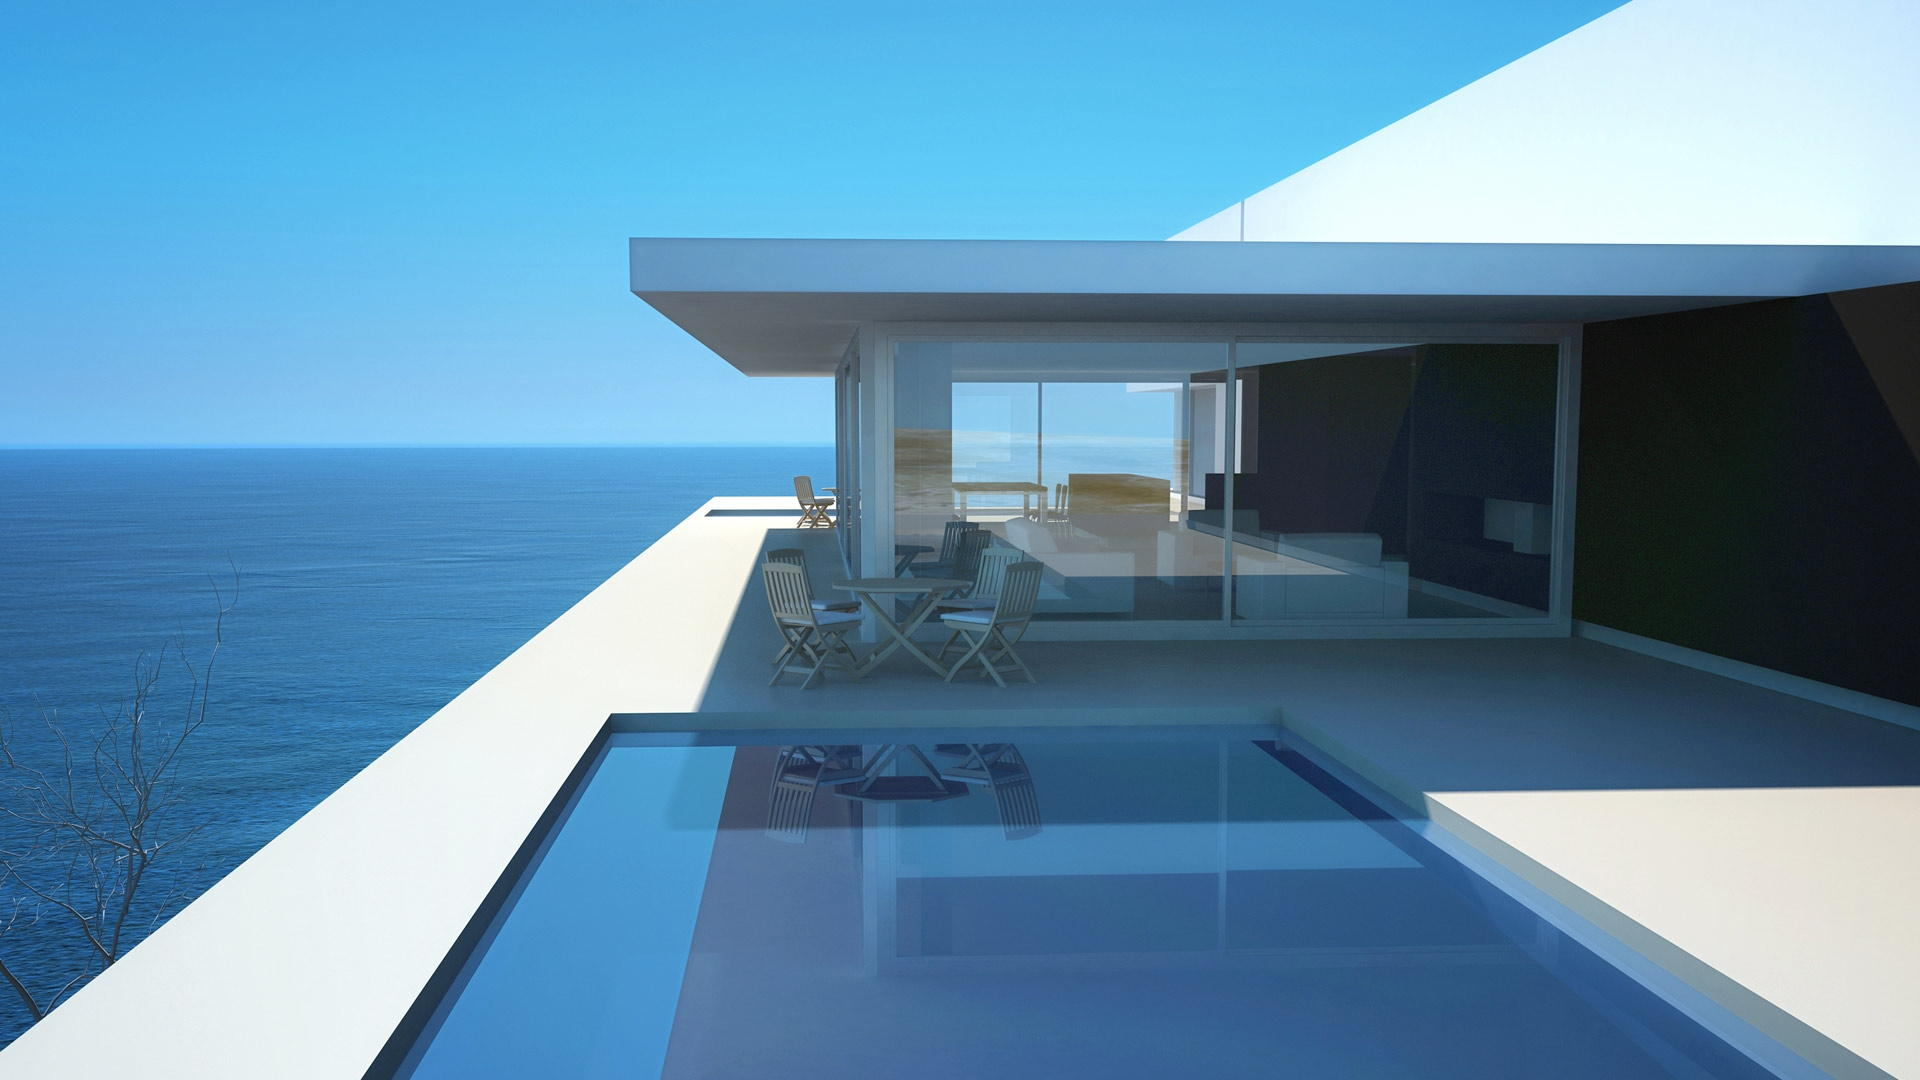 Acheter une maison: un moment important